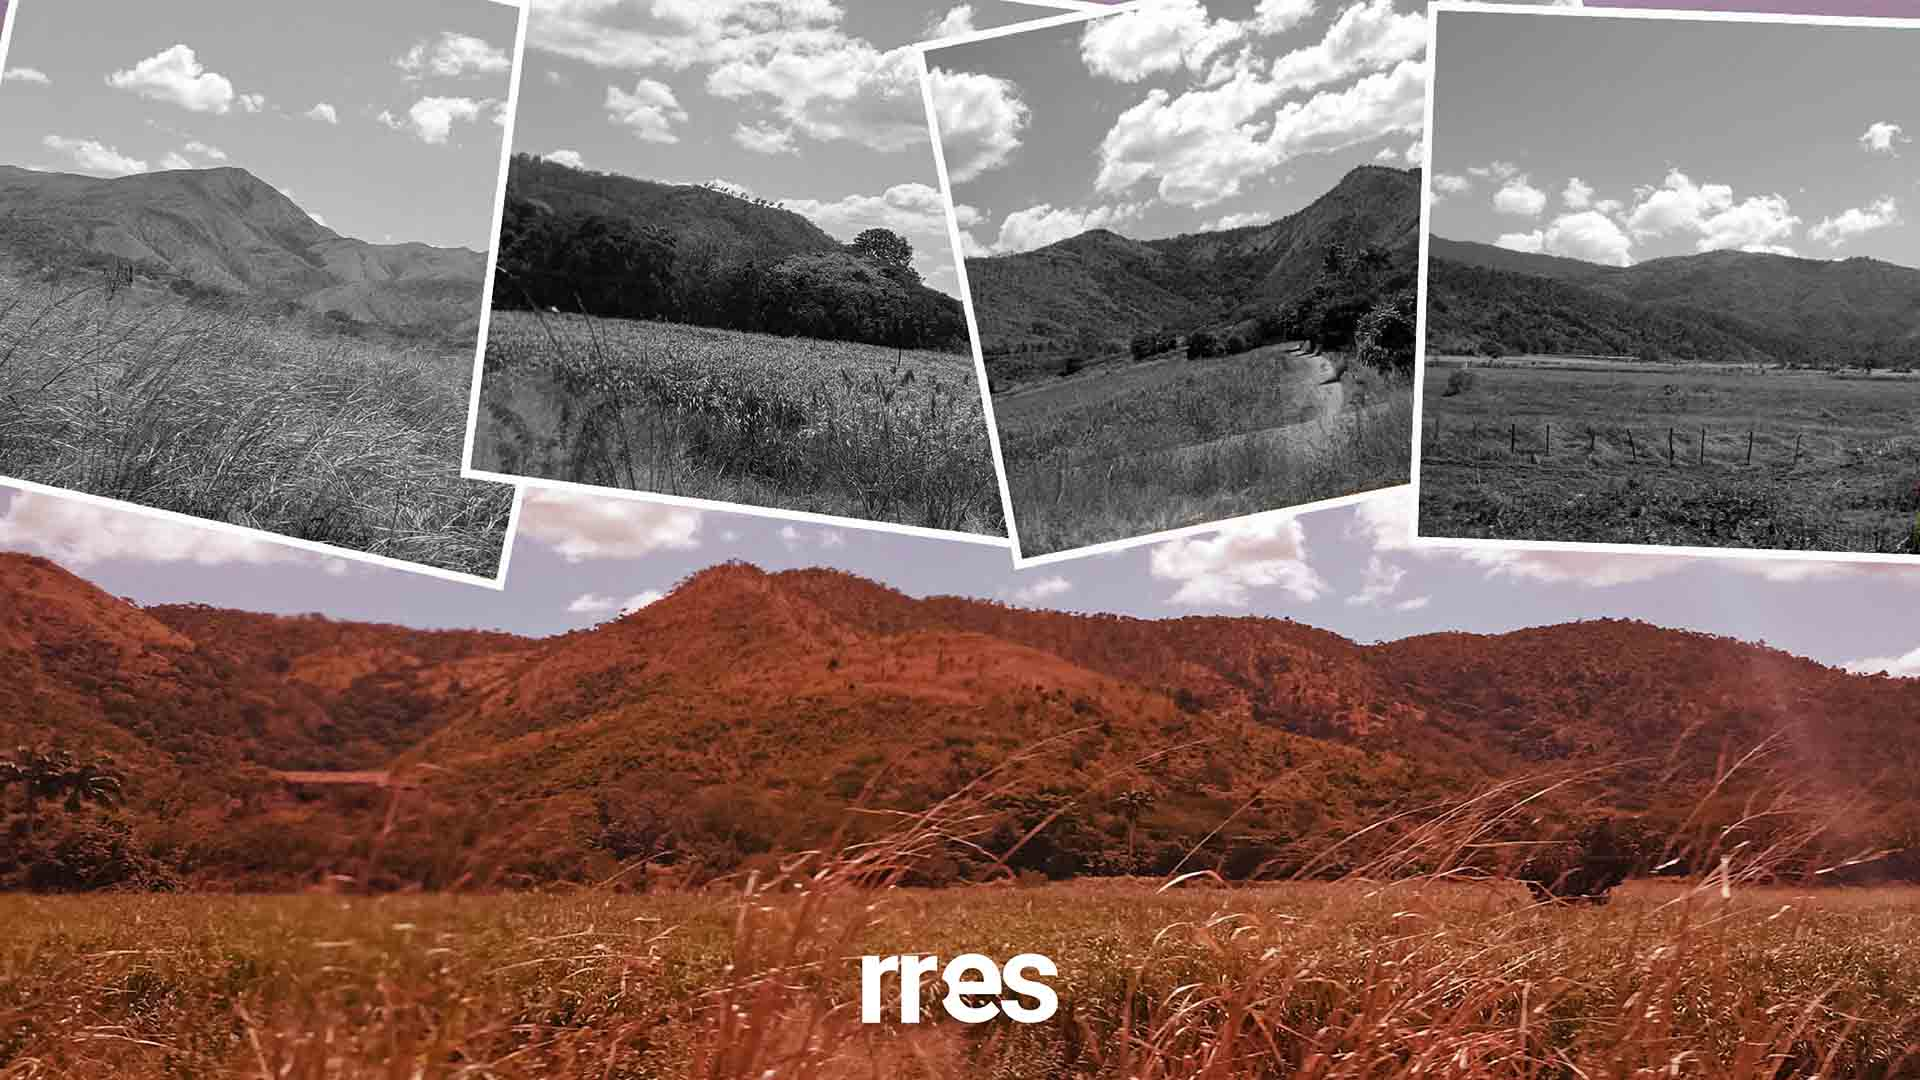 Cerritos de Aragua, por Samuel González-Seijas